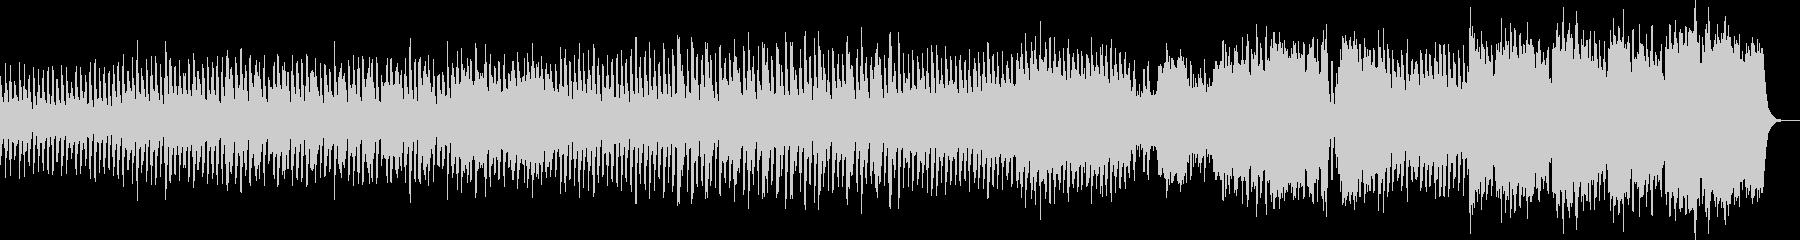 ワルツでしっとり系の不気味・ホラーの曲の未再生の波形